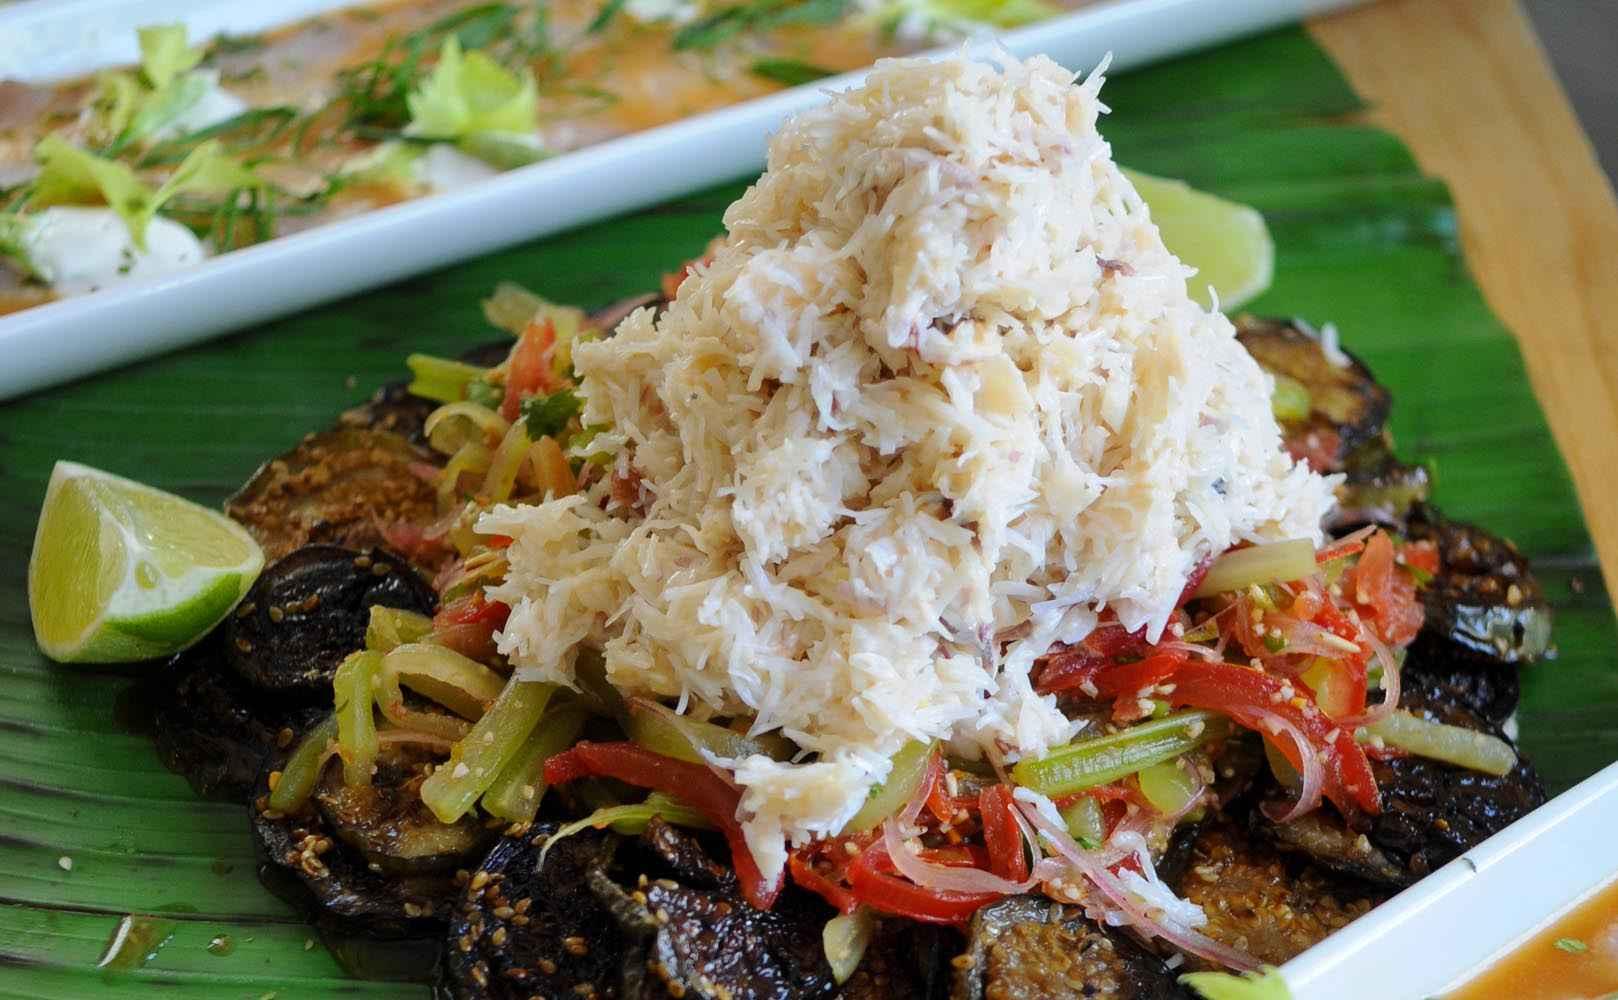 Go to Rezept für Gemüsesalat mit mariniertem Krebsfleisch und geschmorte Thai-Auberginen